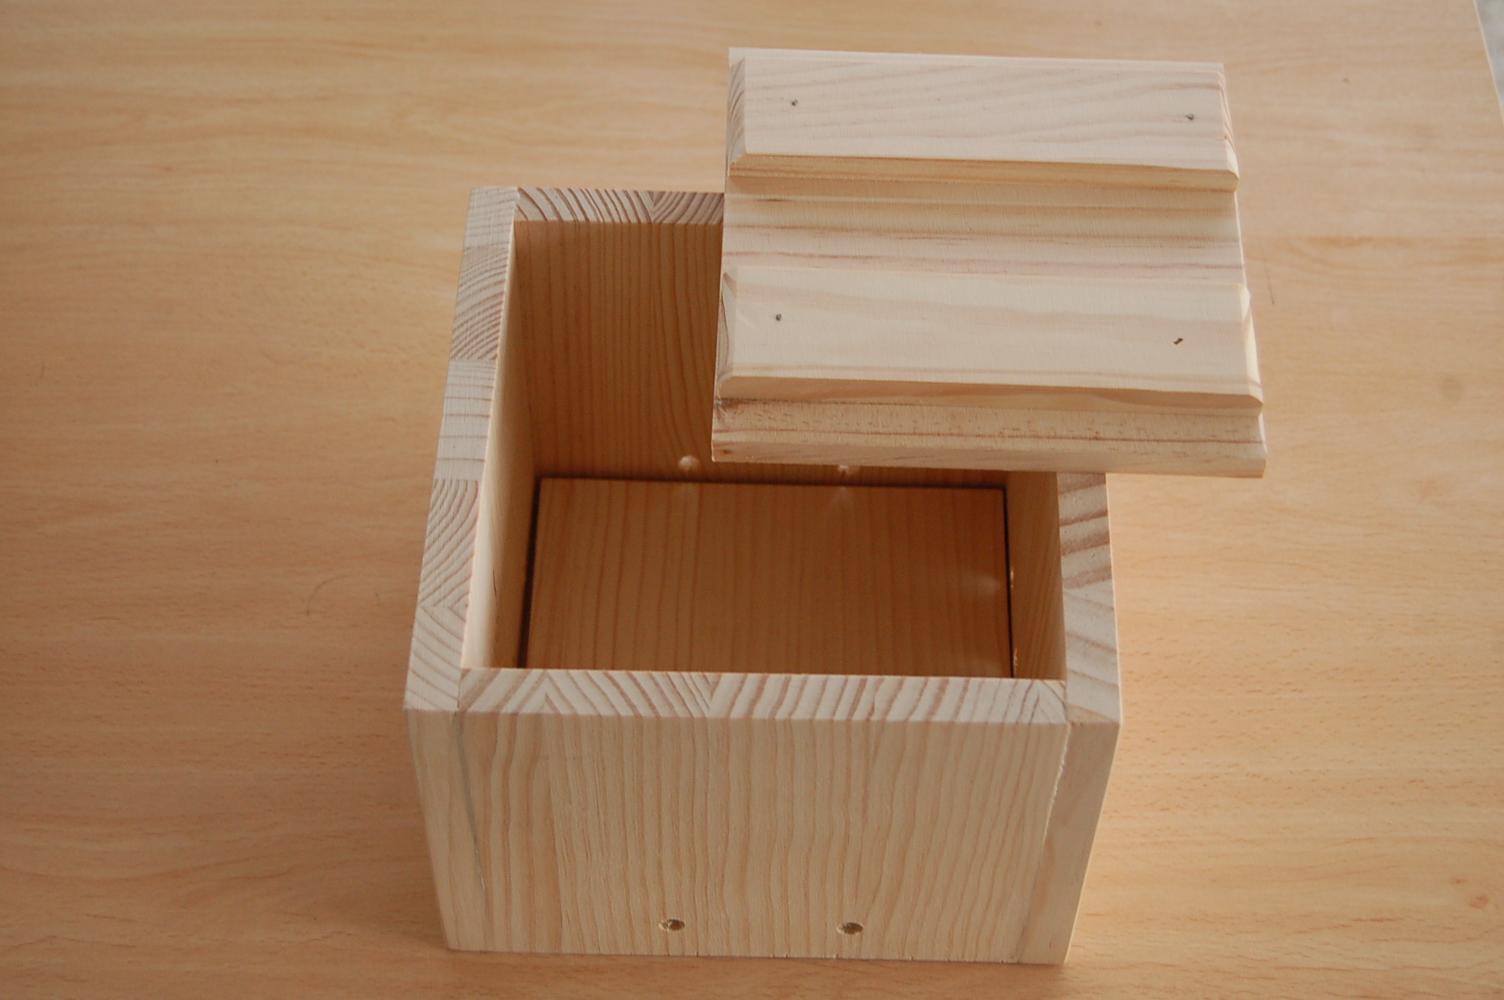 la caja para hacer tofu o queso